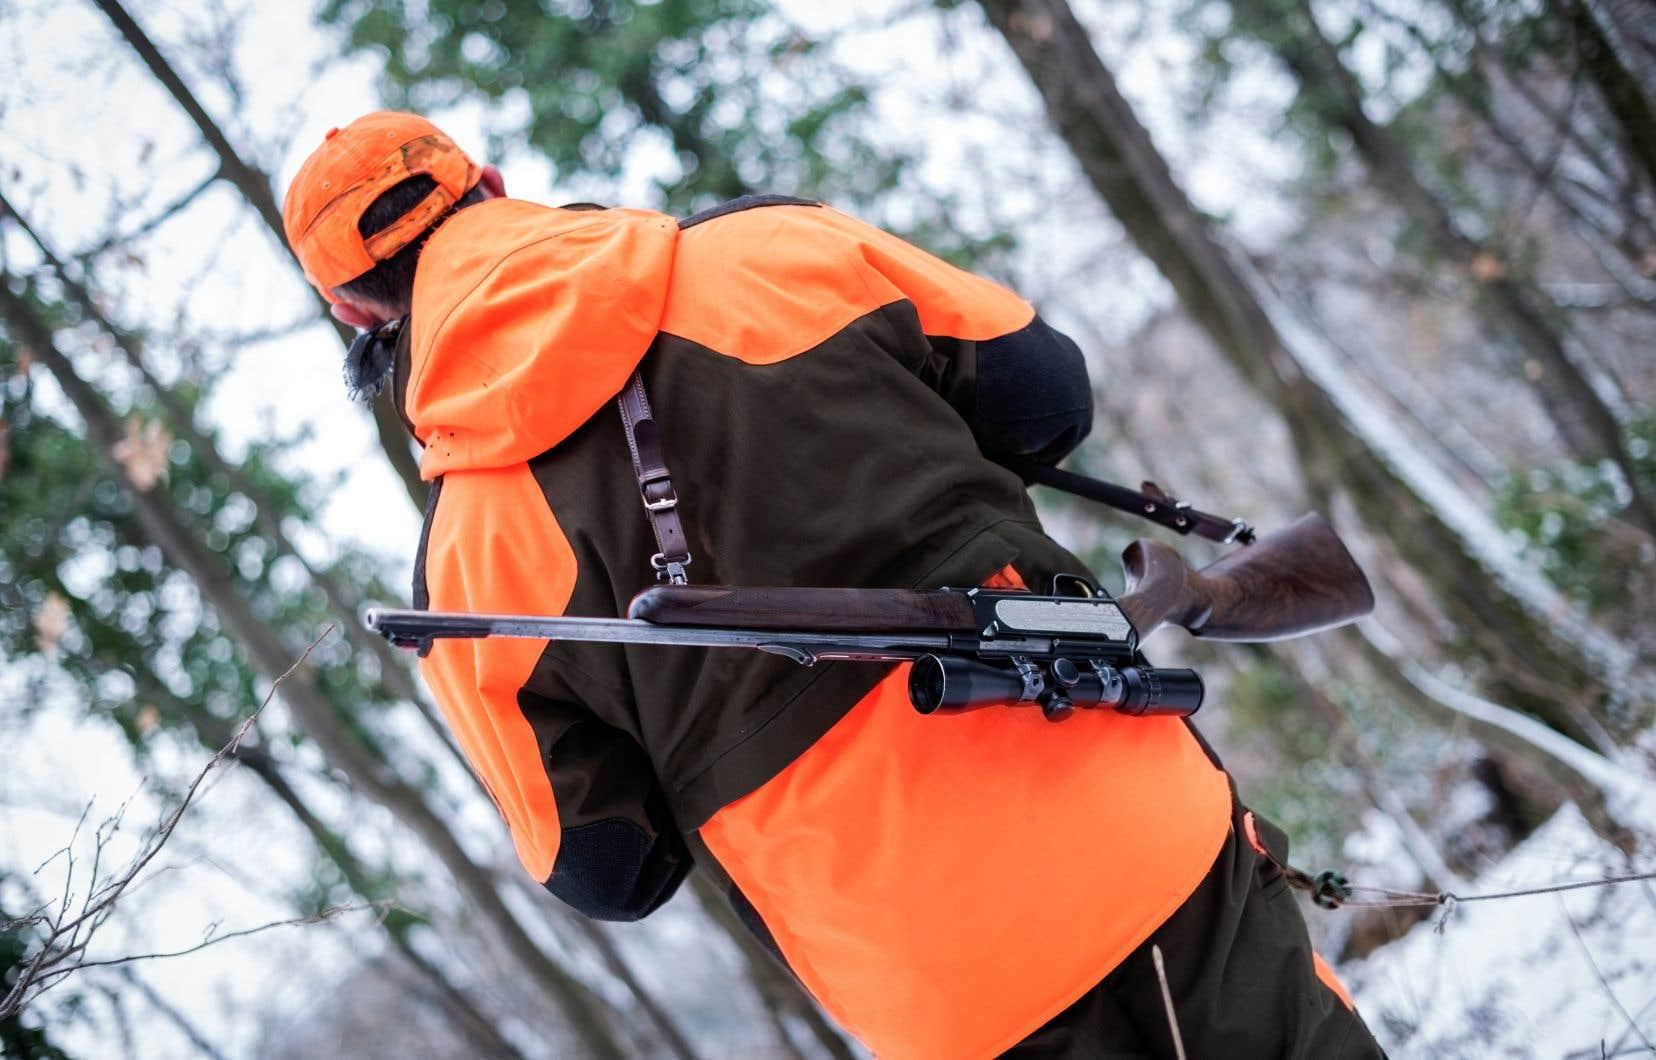 Le gouvernement élimine certaines sources d'irritation afin d'obtenir l'adhésion des chasseurs.